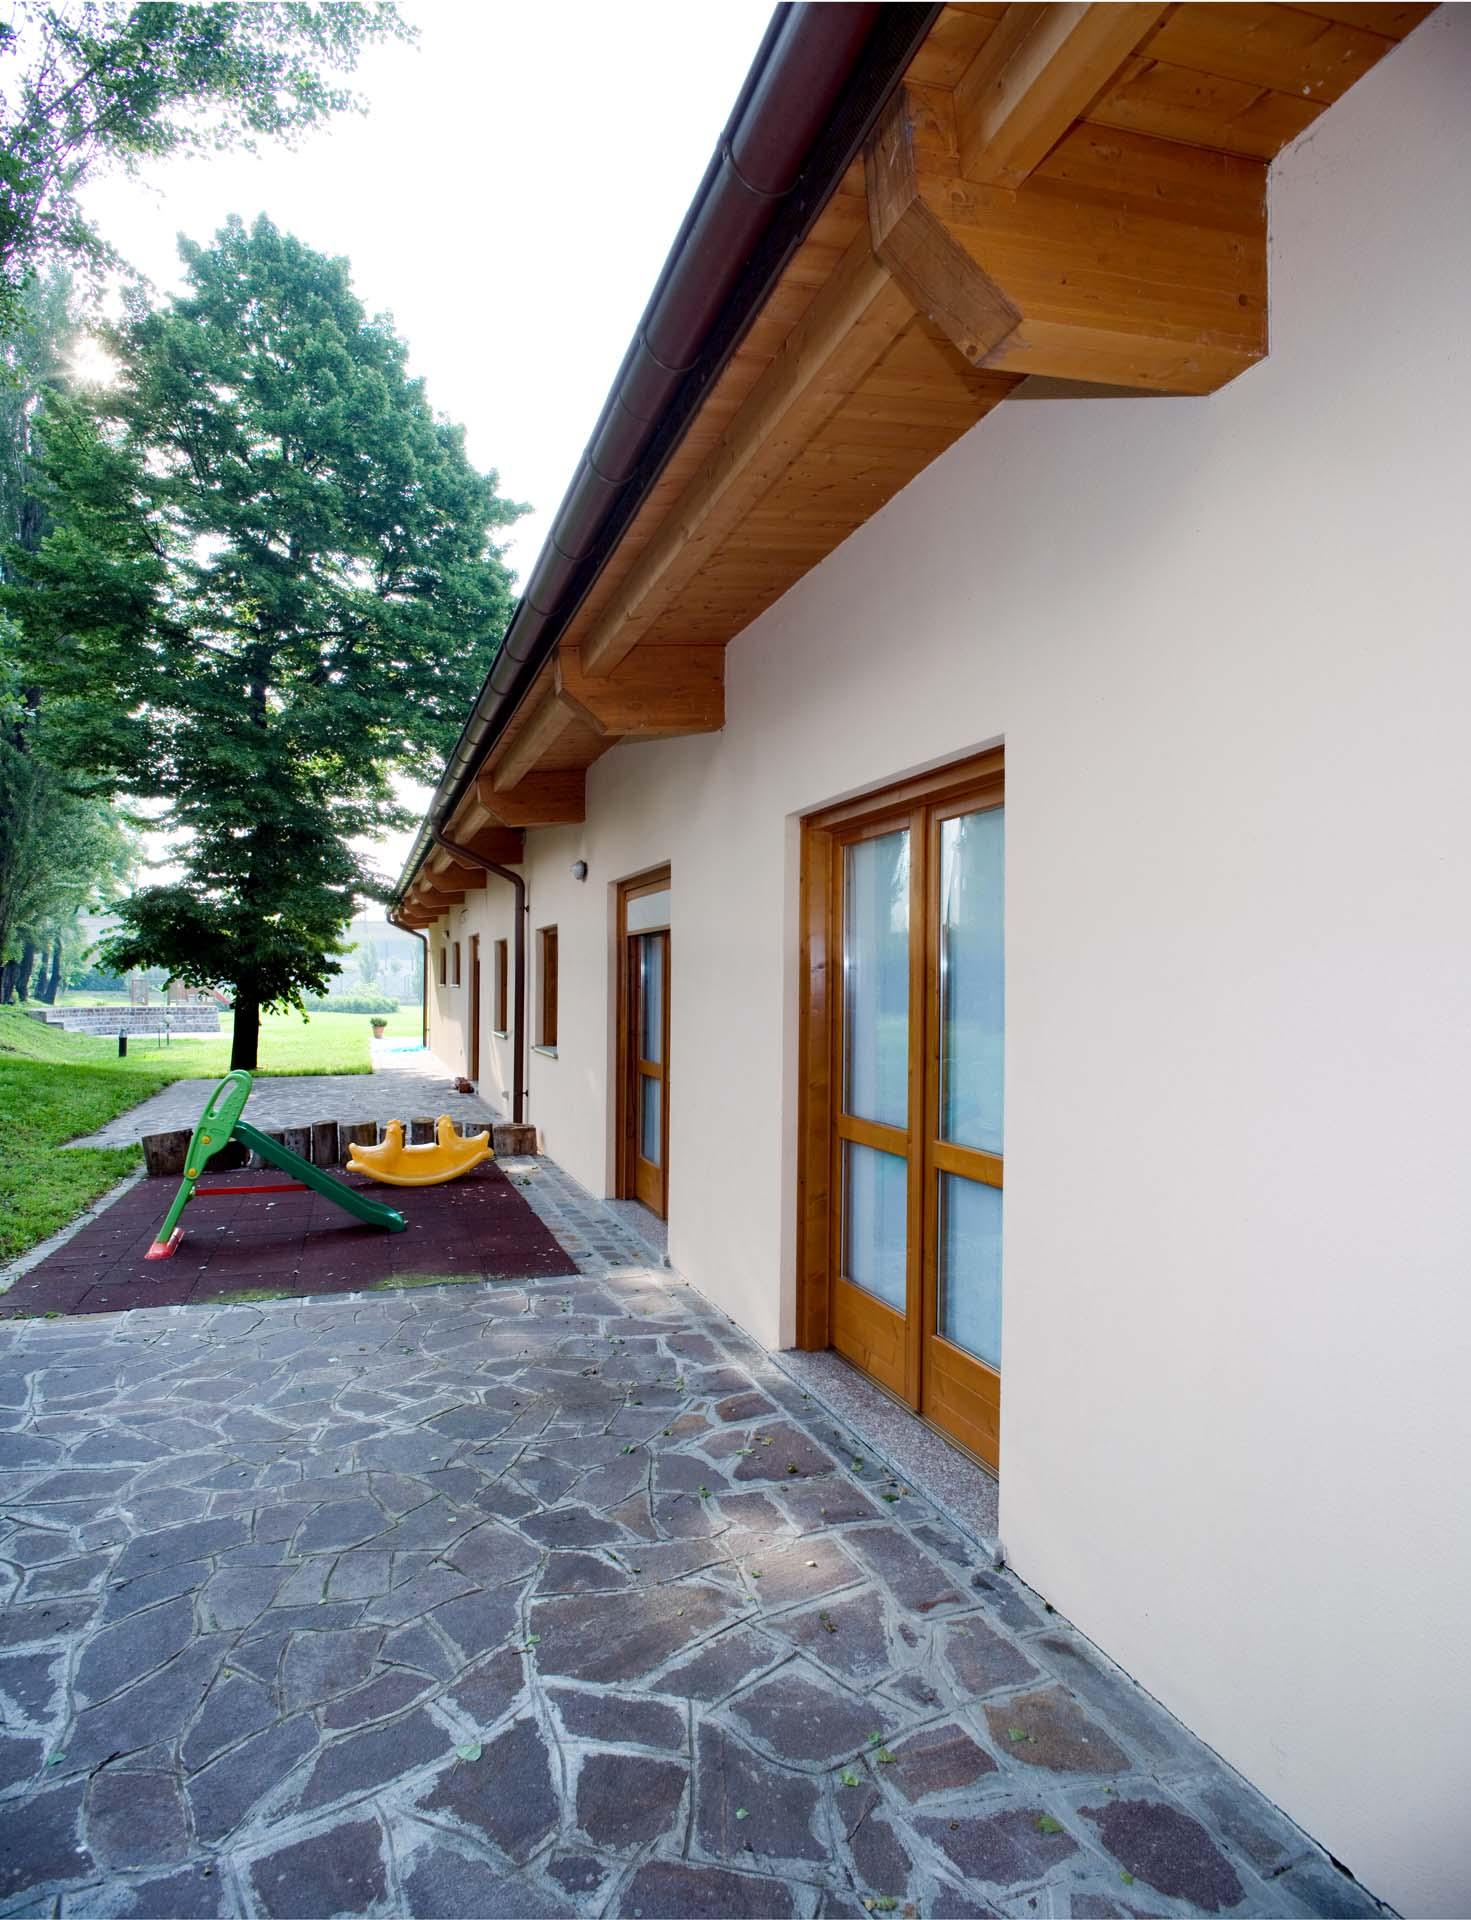 Case di legno in montagna simple favoloso cucine case di for Piani casa montagna colorado